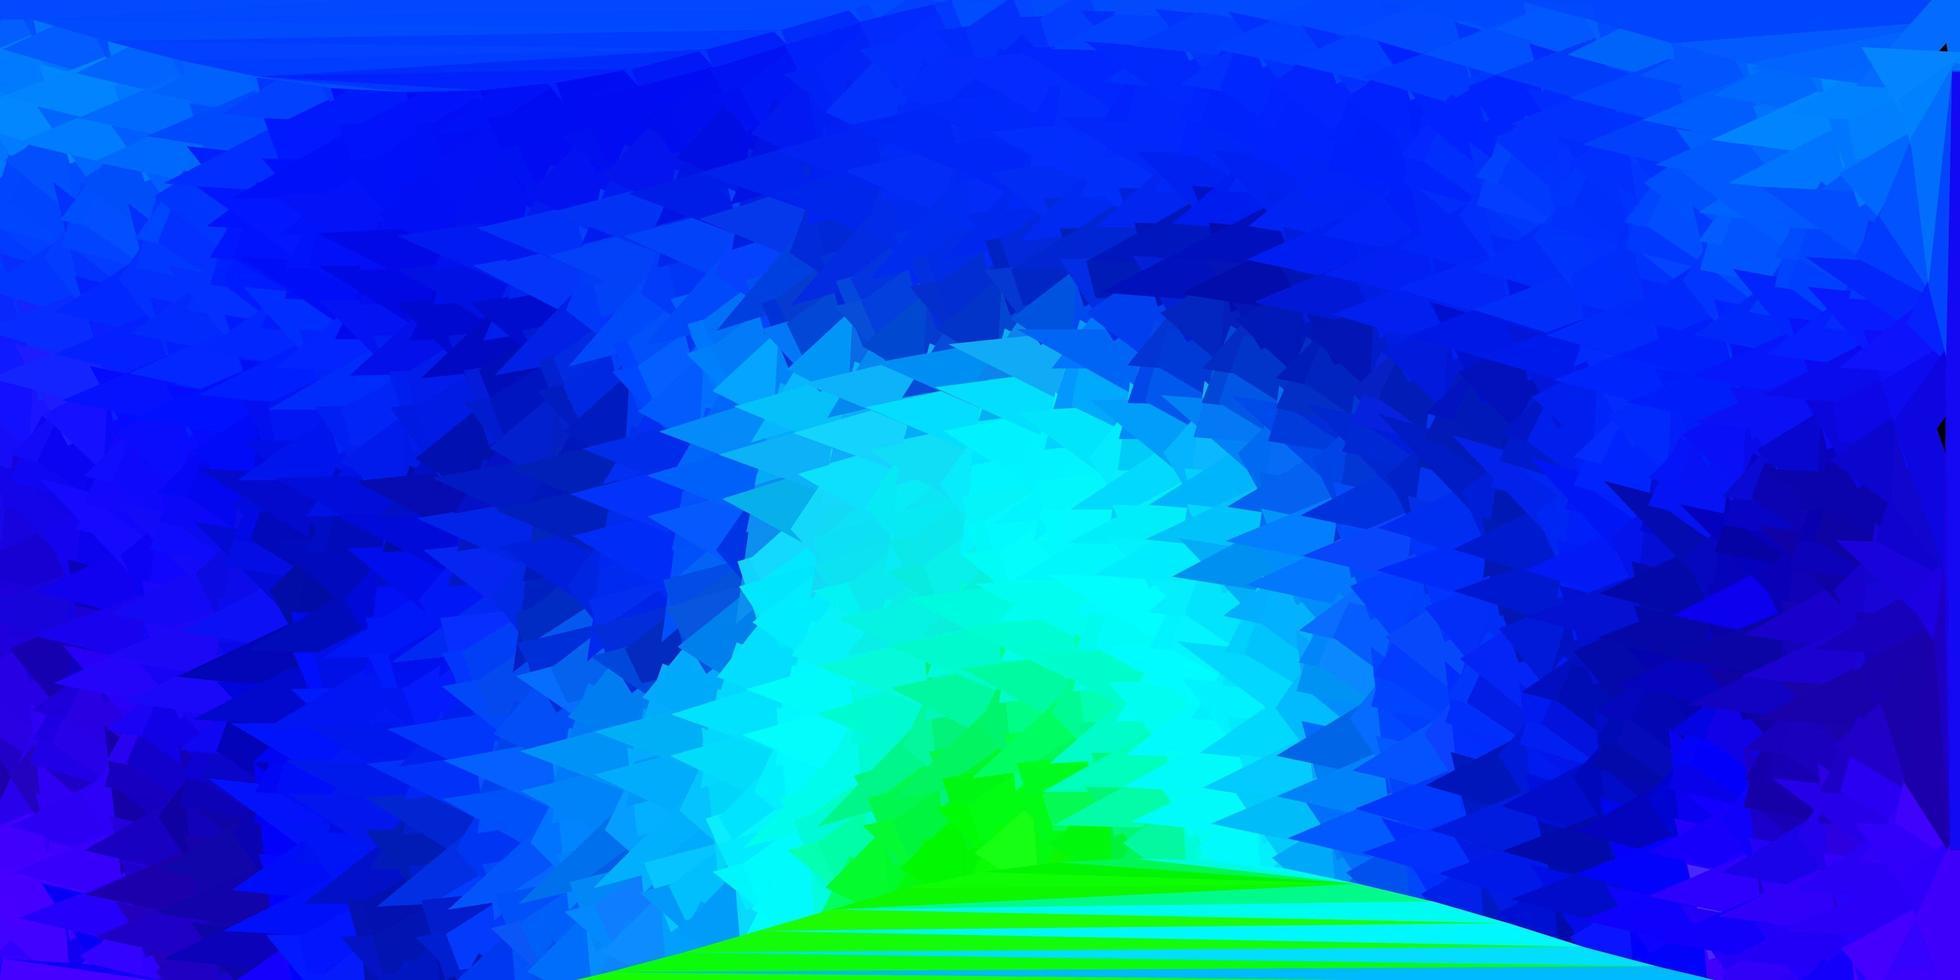 donker veelkleurig vector driehoek mozaïek patroon.